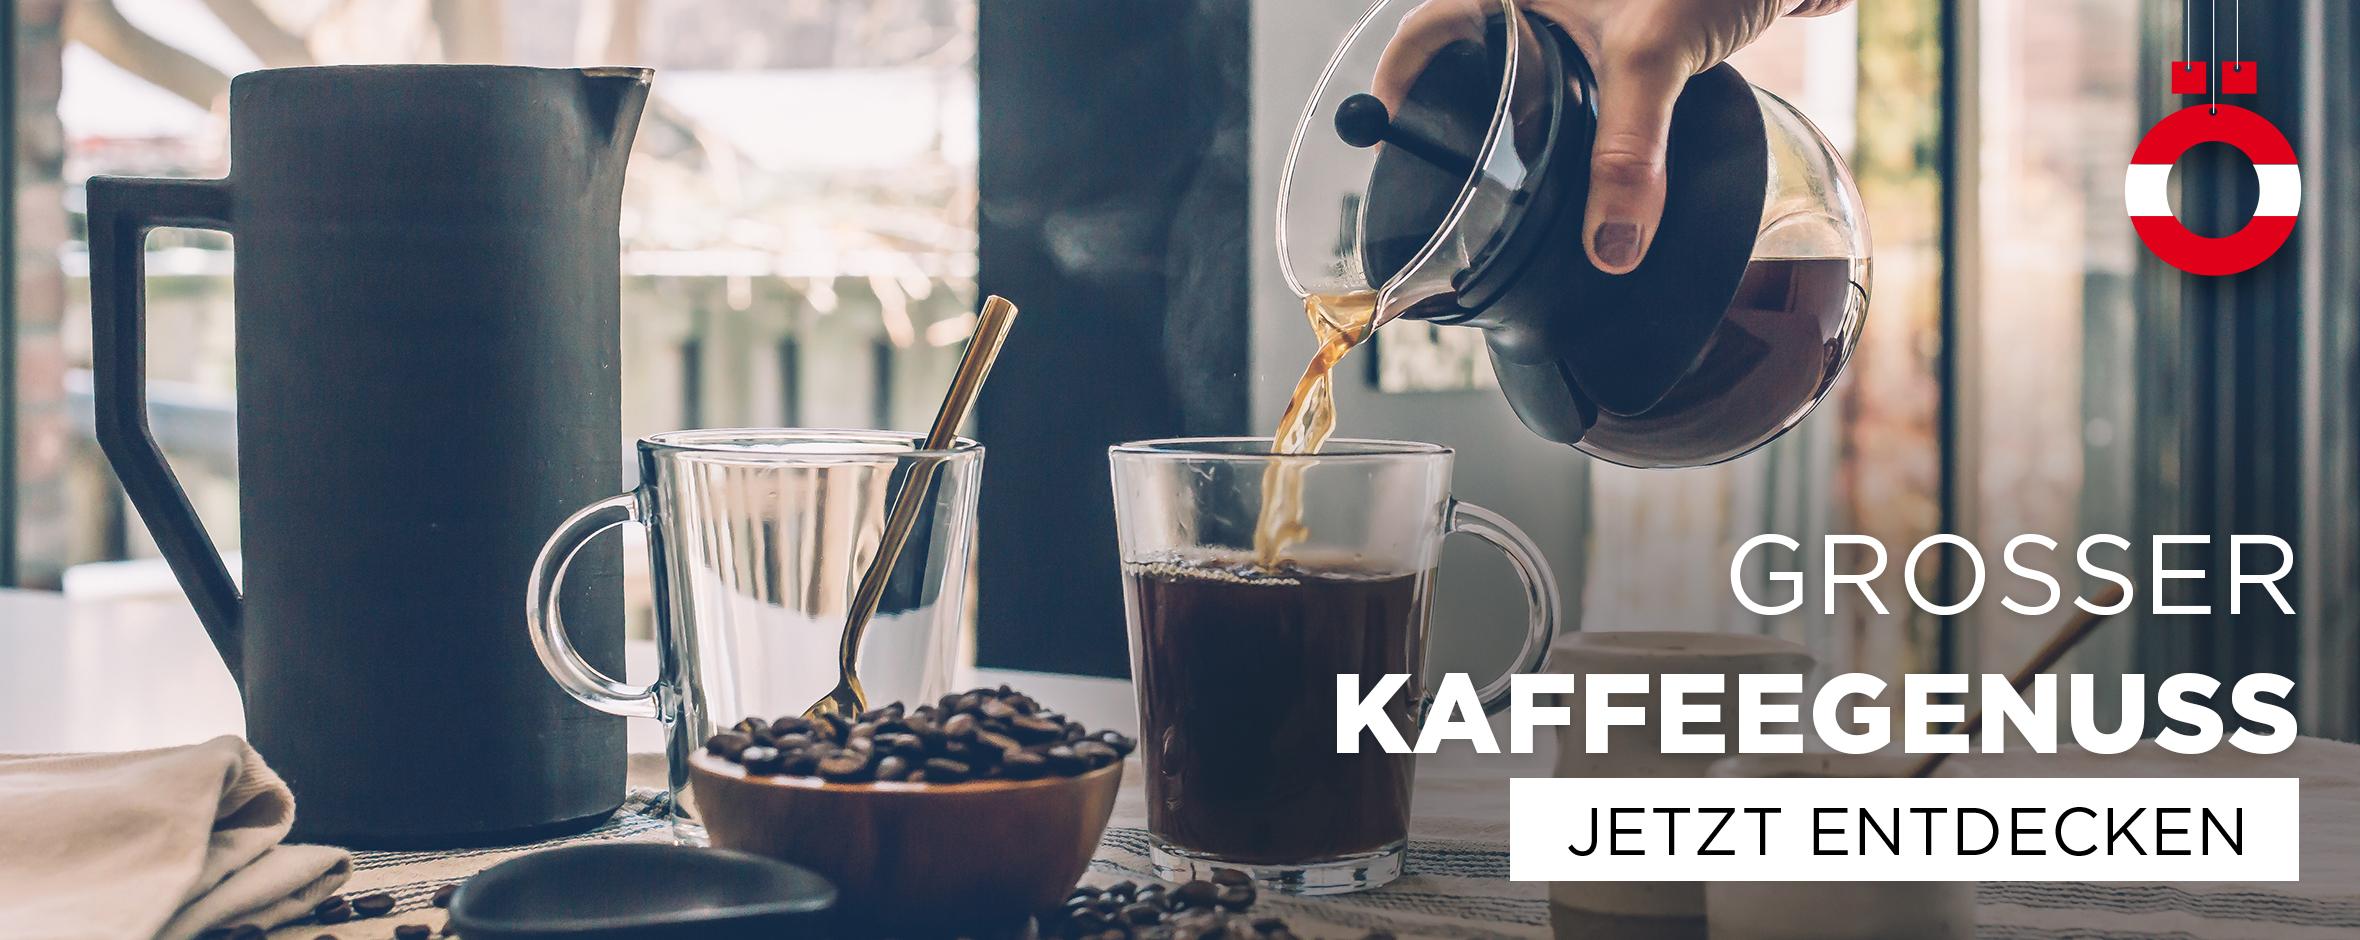 Großer Kaffeegenuss